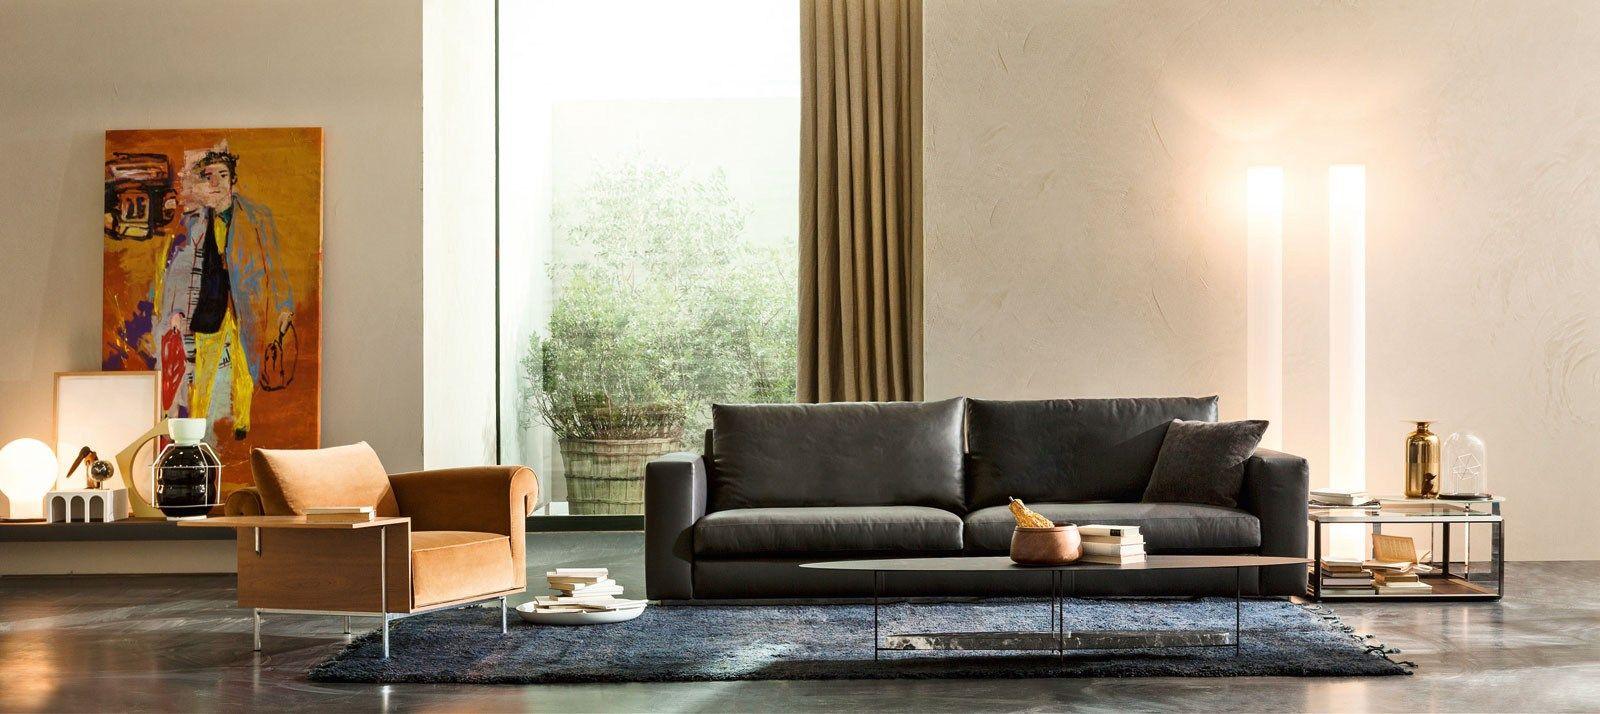 Controra divano by molteni c design ron gilad - Divano reversi molteni prezzo ...